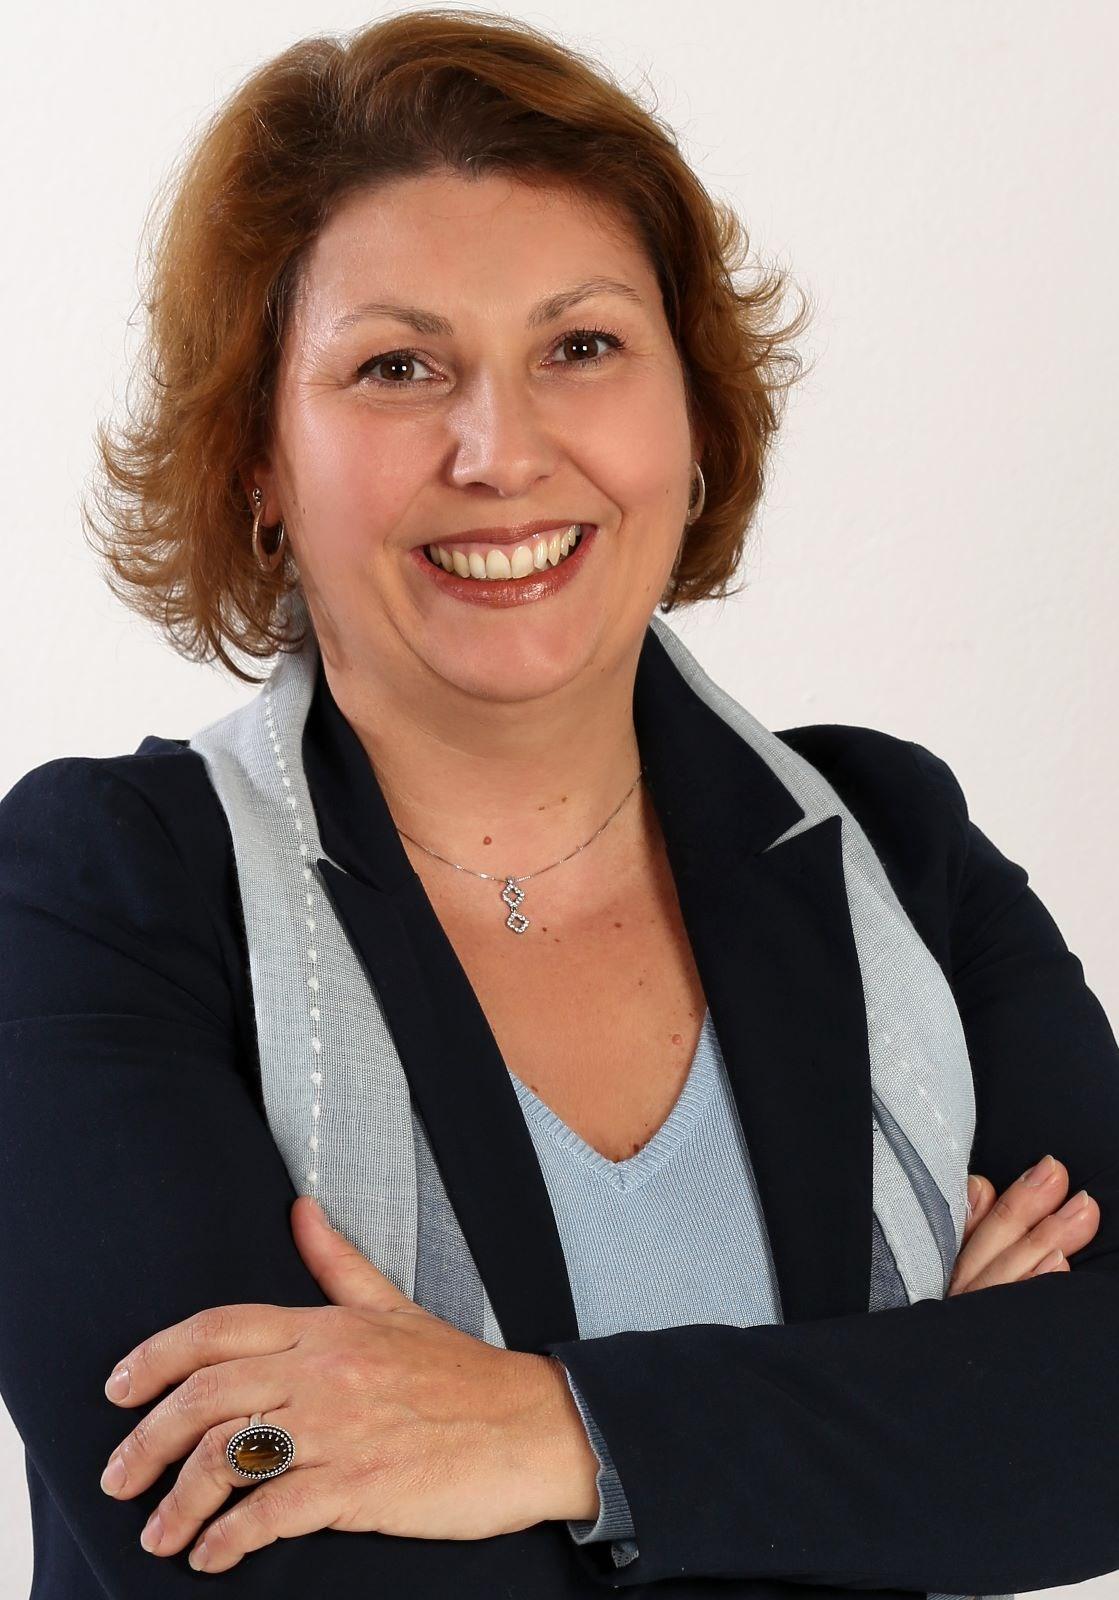 Ana Araujo Lugatto